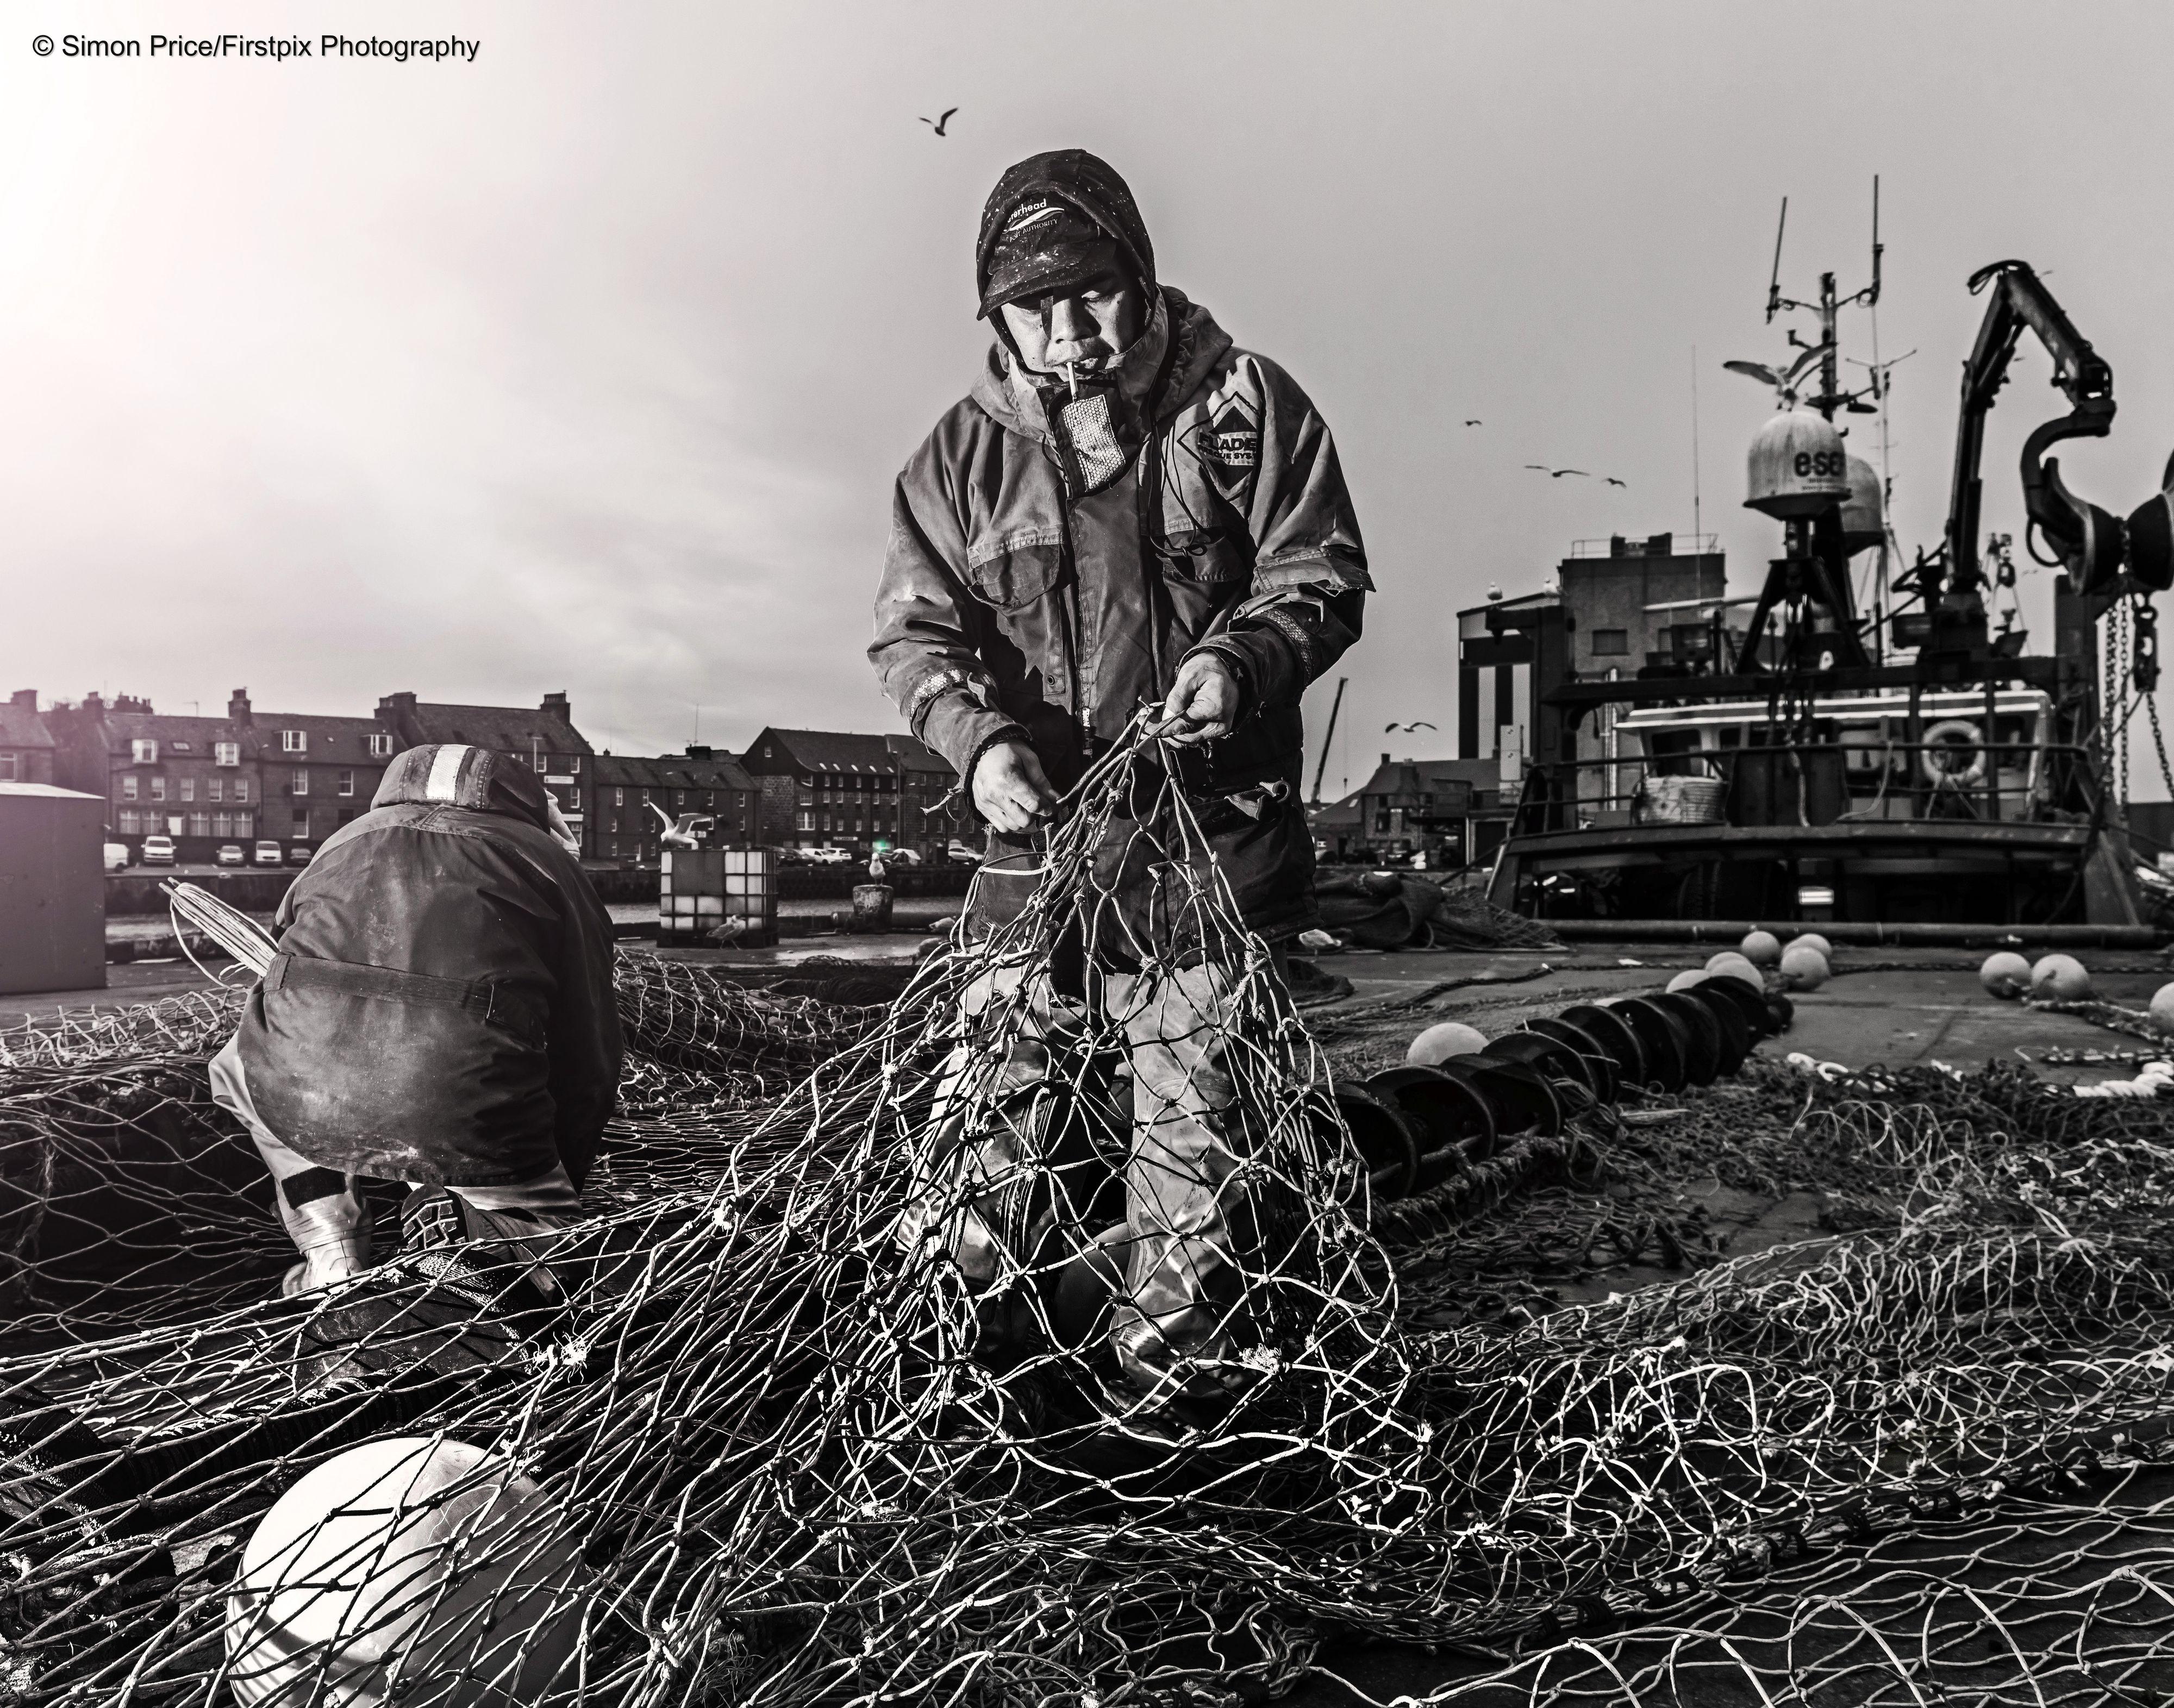 Nets fish fishing north sea